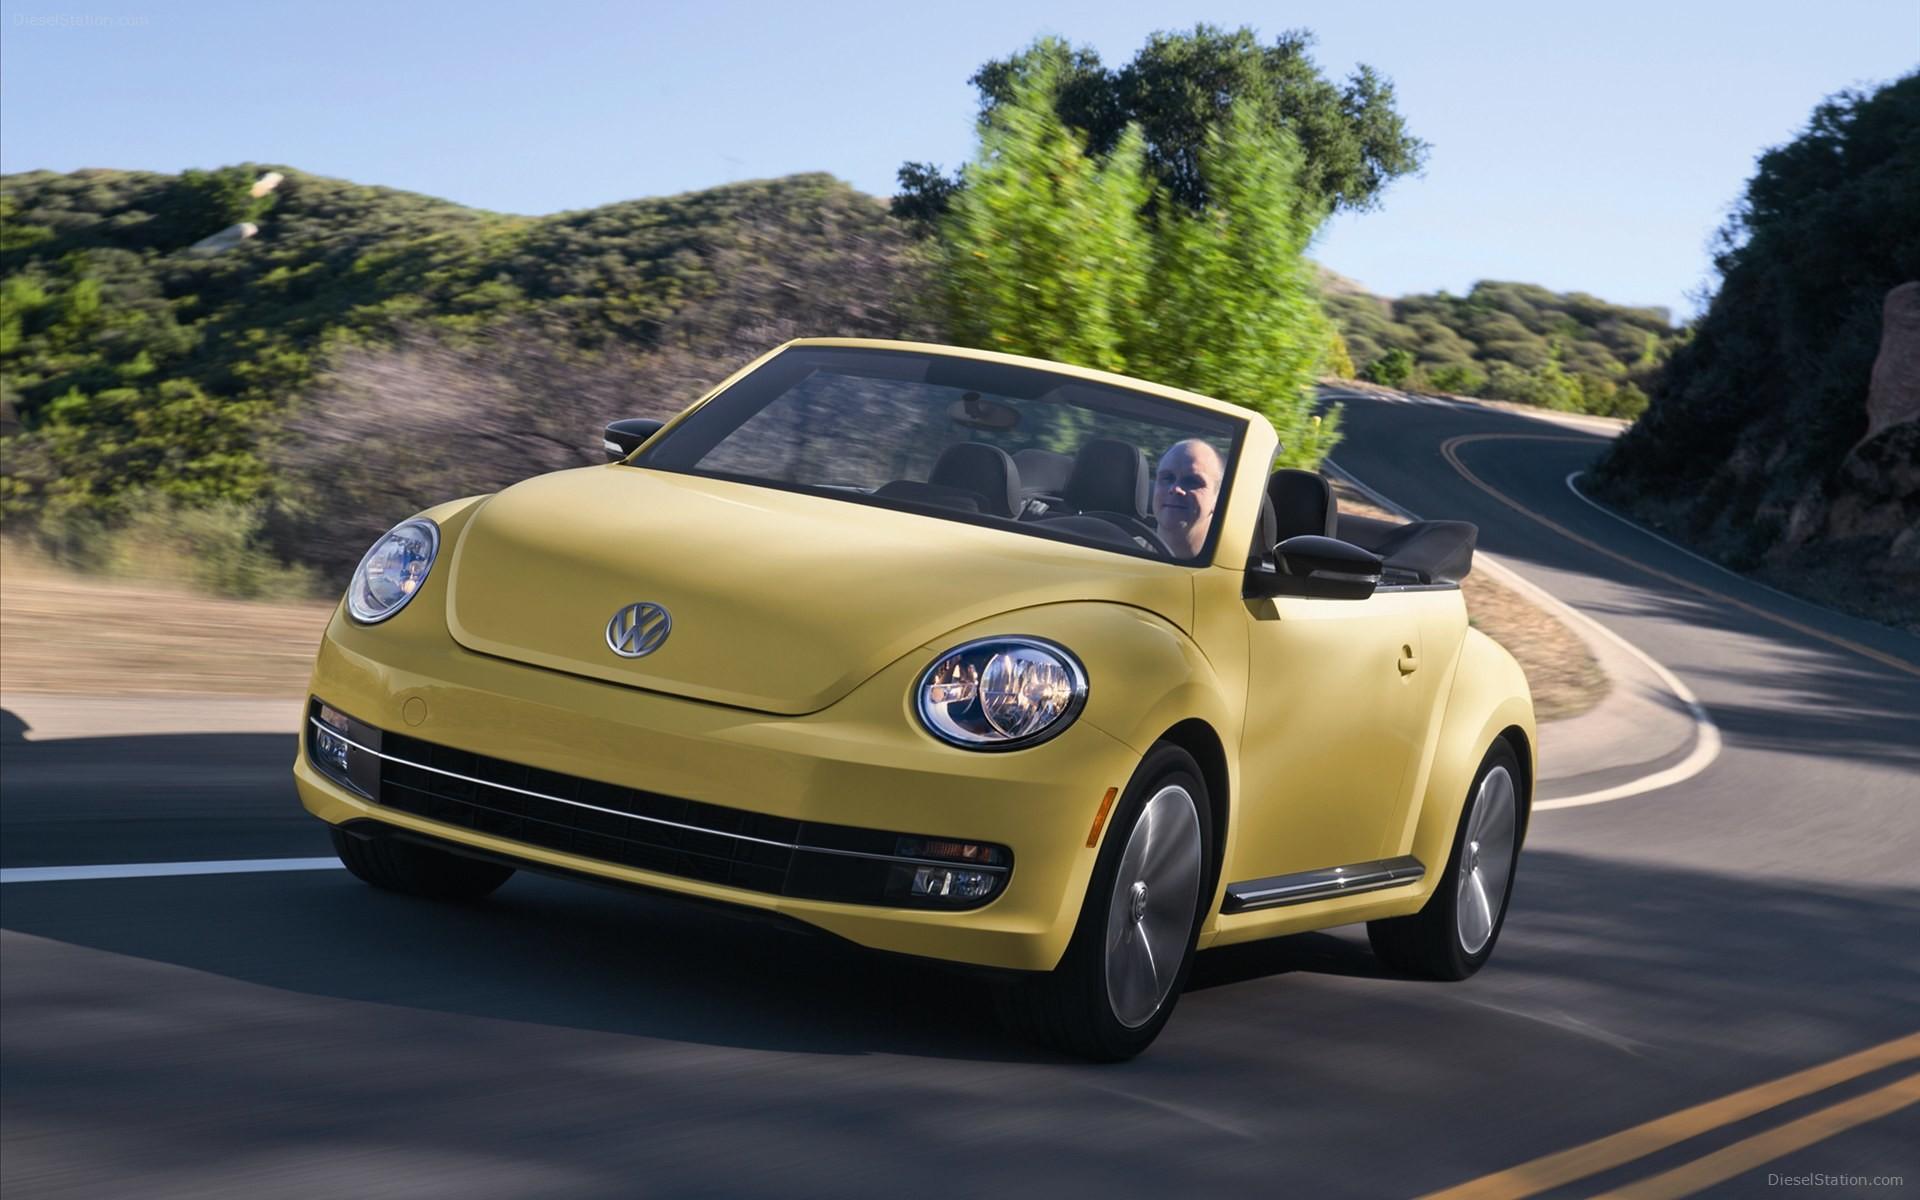 Volkswagen Beetle 2014 HD Dekstop Wallpaper